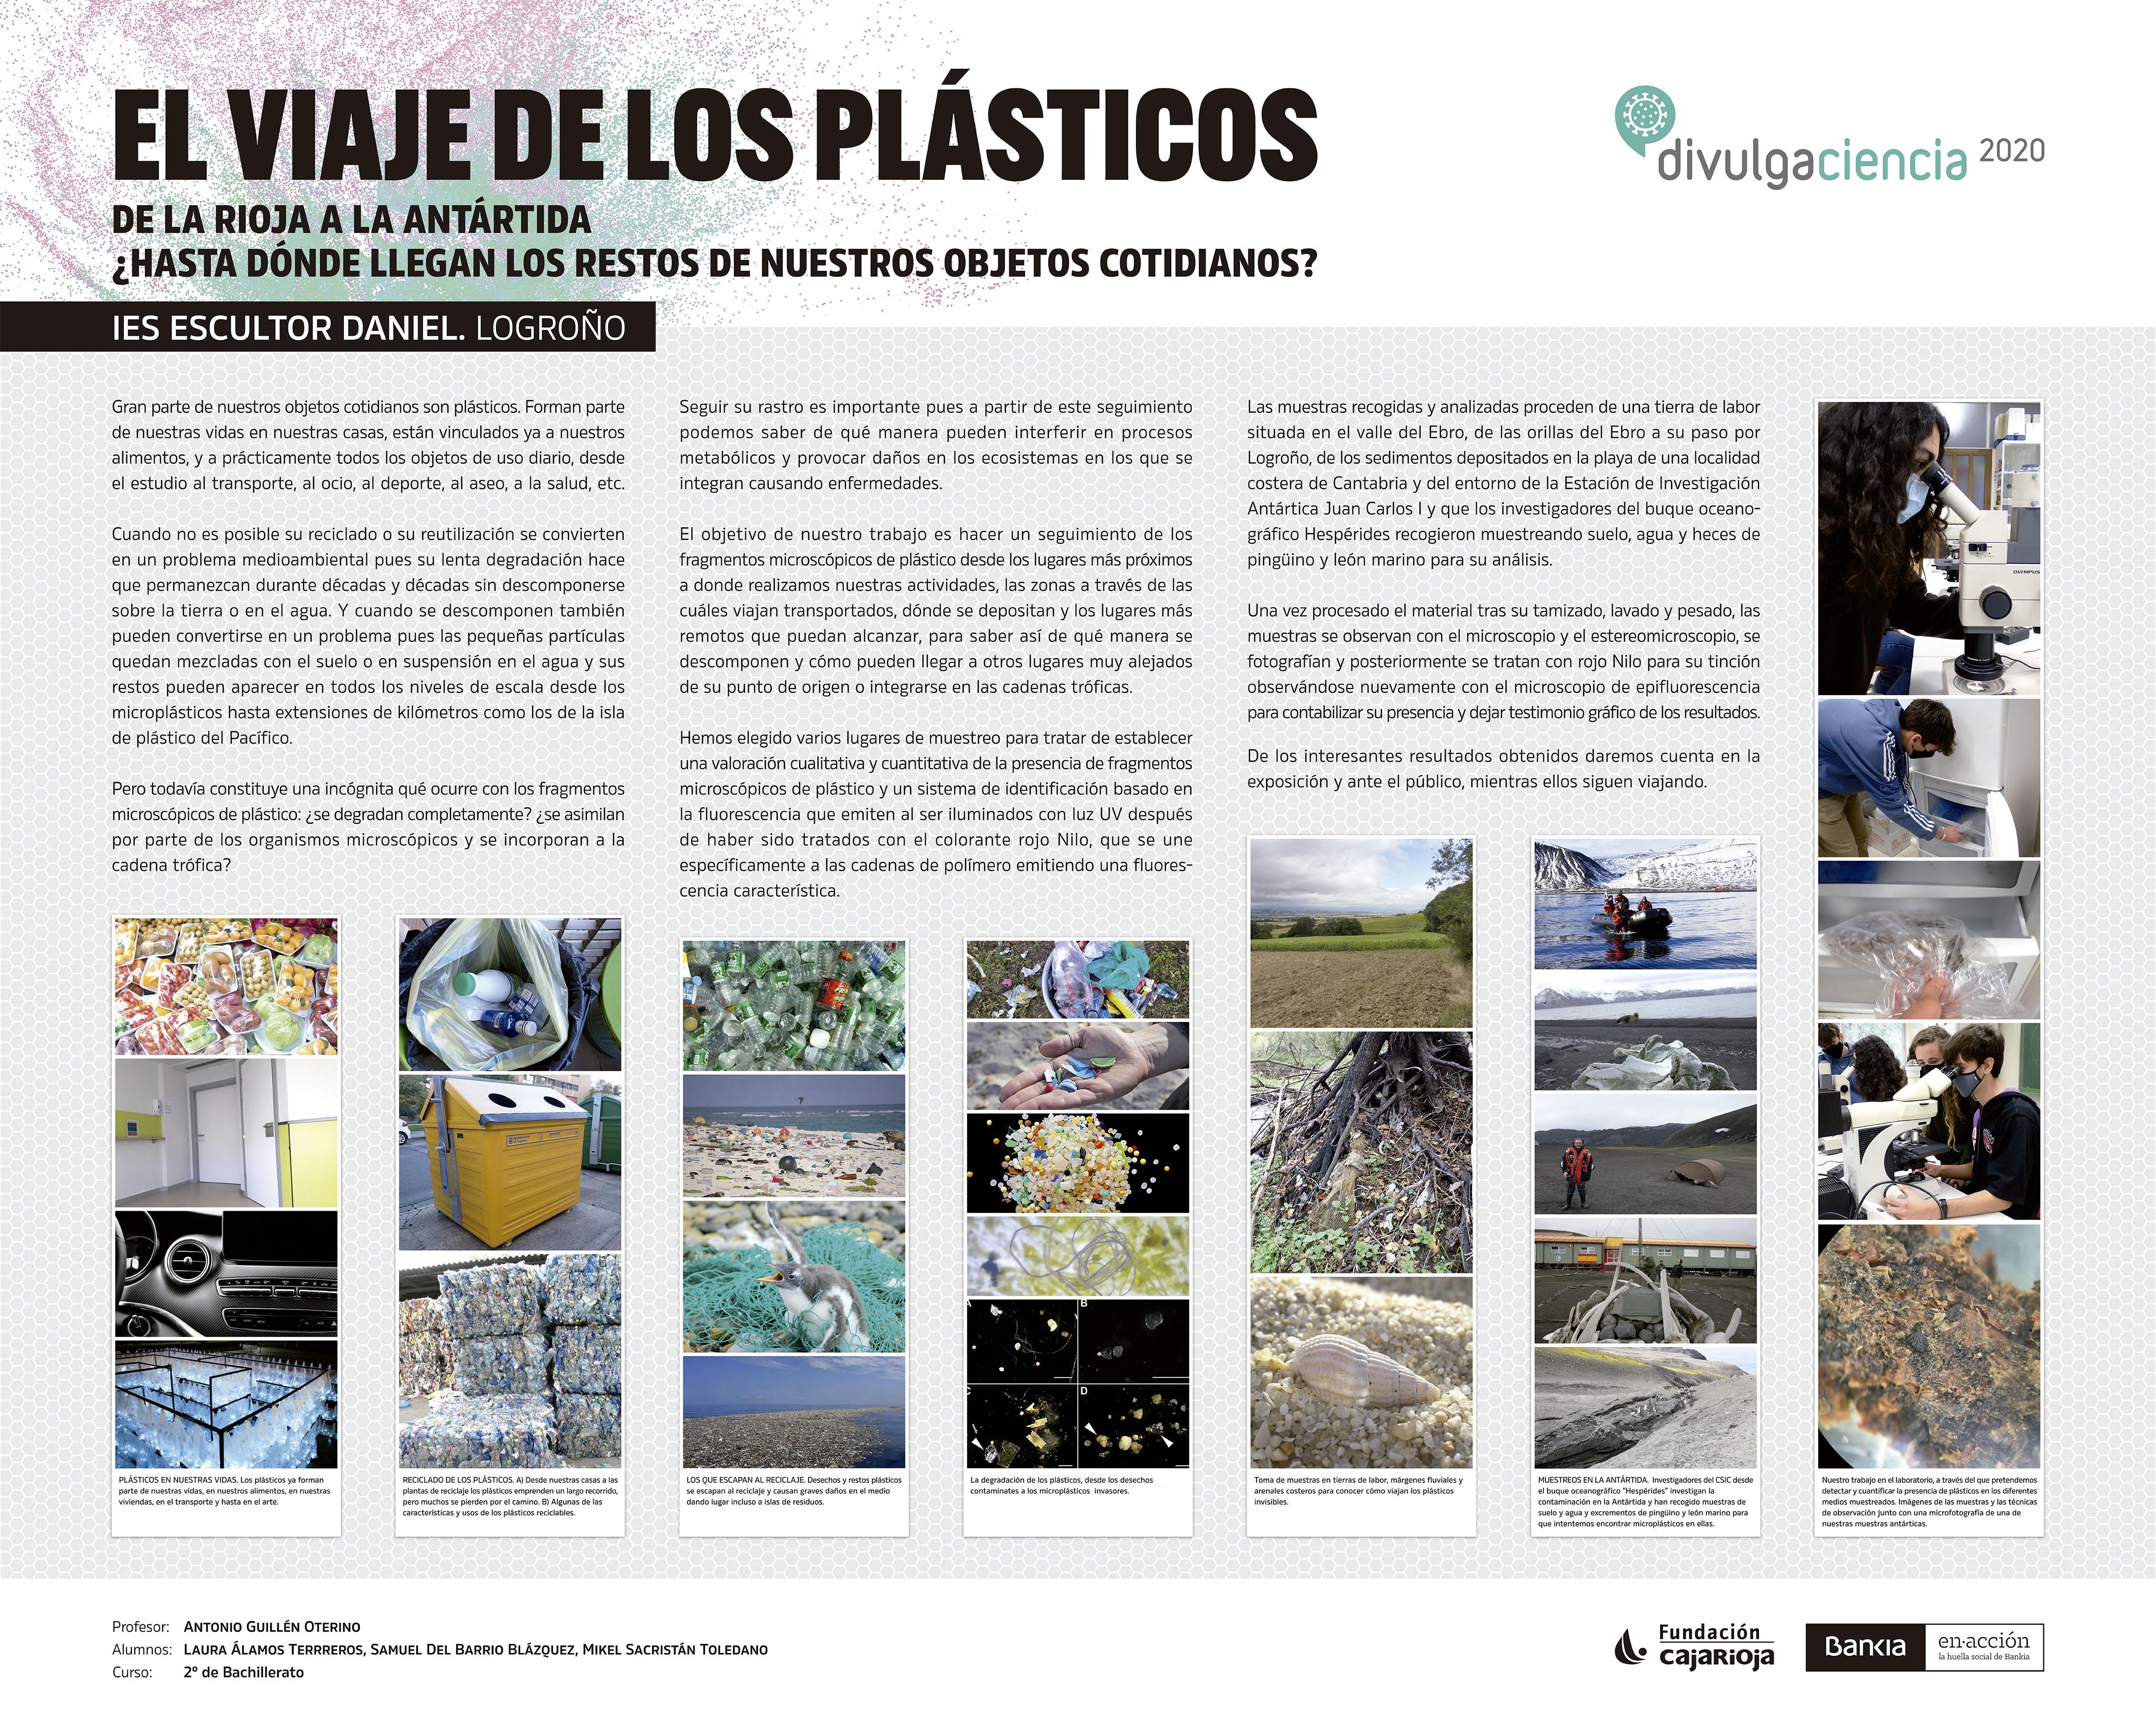 Panel EL VIAJE DE LOS PLASTICOS